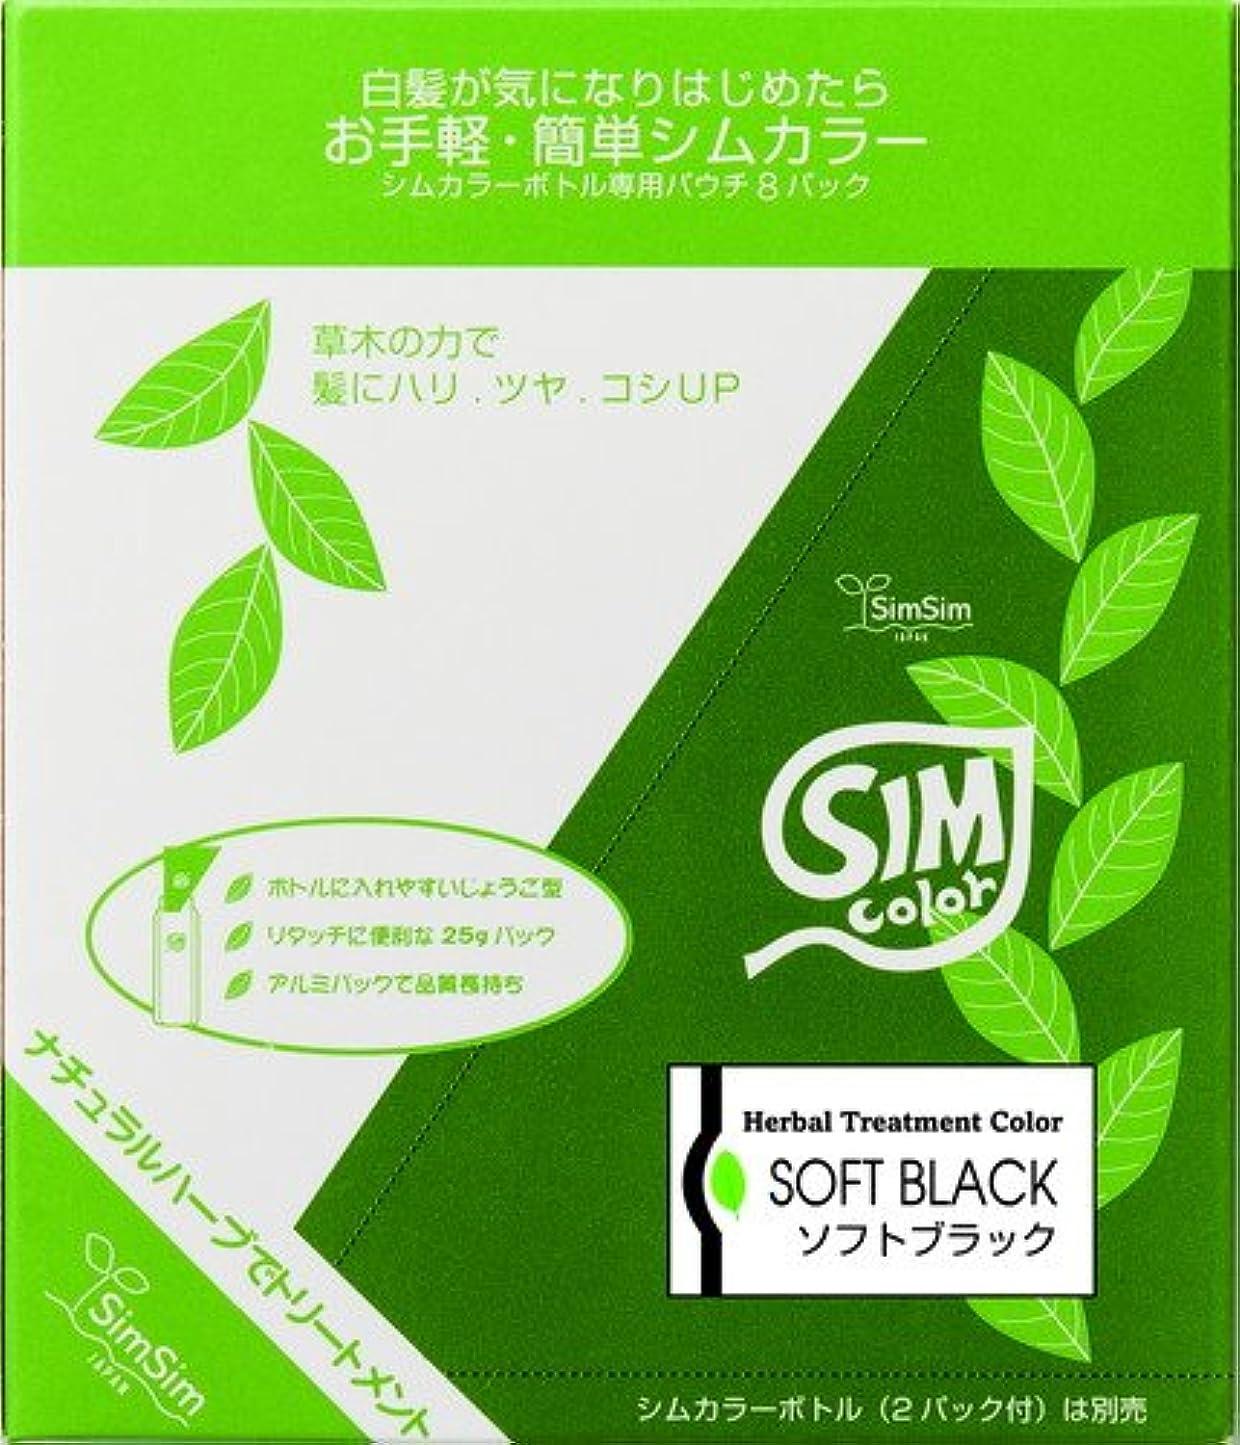 混雑熟読する増幅器SimSim(シムシム)お手軽簡単シムカラーエクストラ(EX)25g 8袋 ソフトブラック